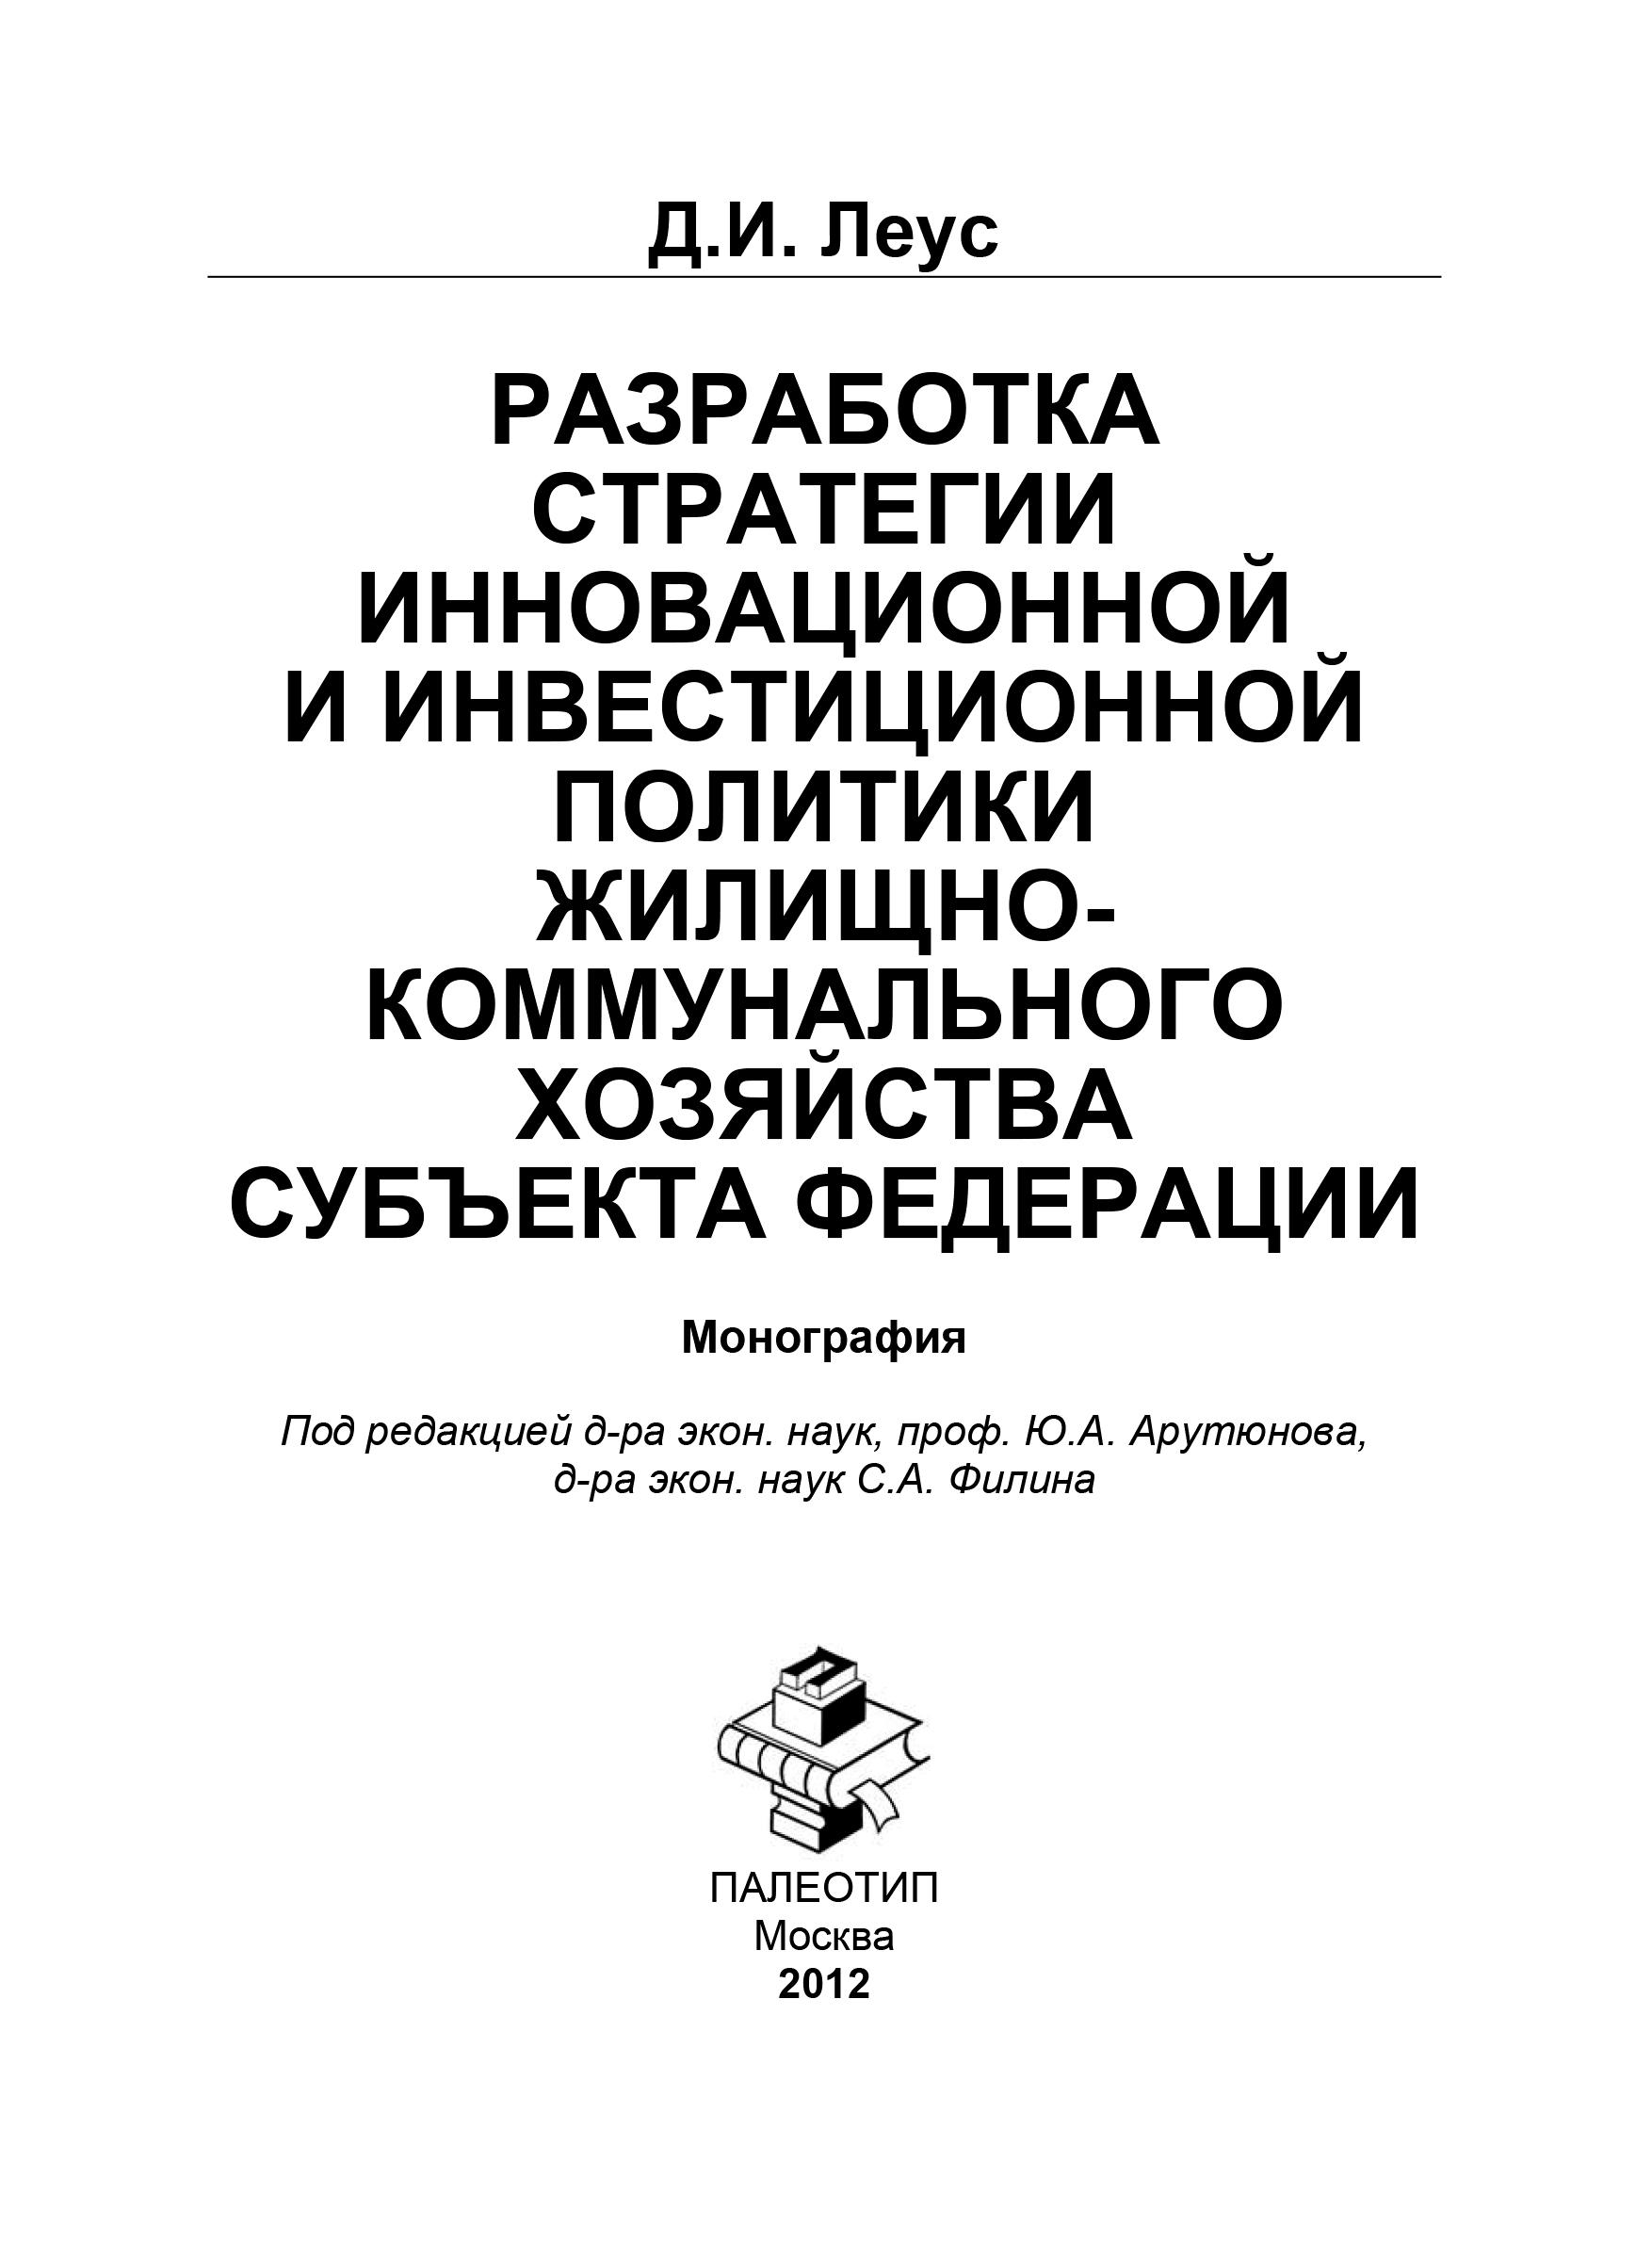 Д. Леус Разработка инновационной и инвестиционной политики жилищно-коммунального хозяйства субъекта Федерации